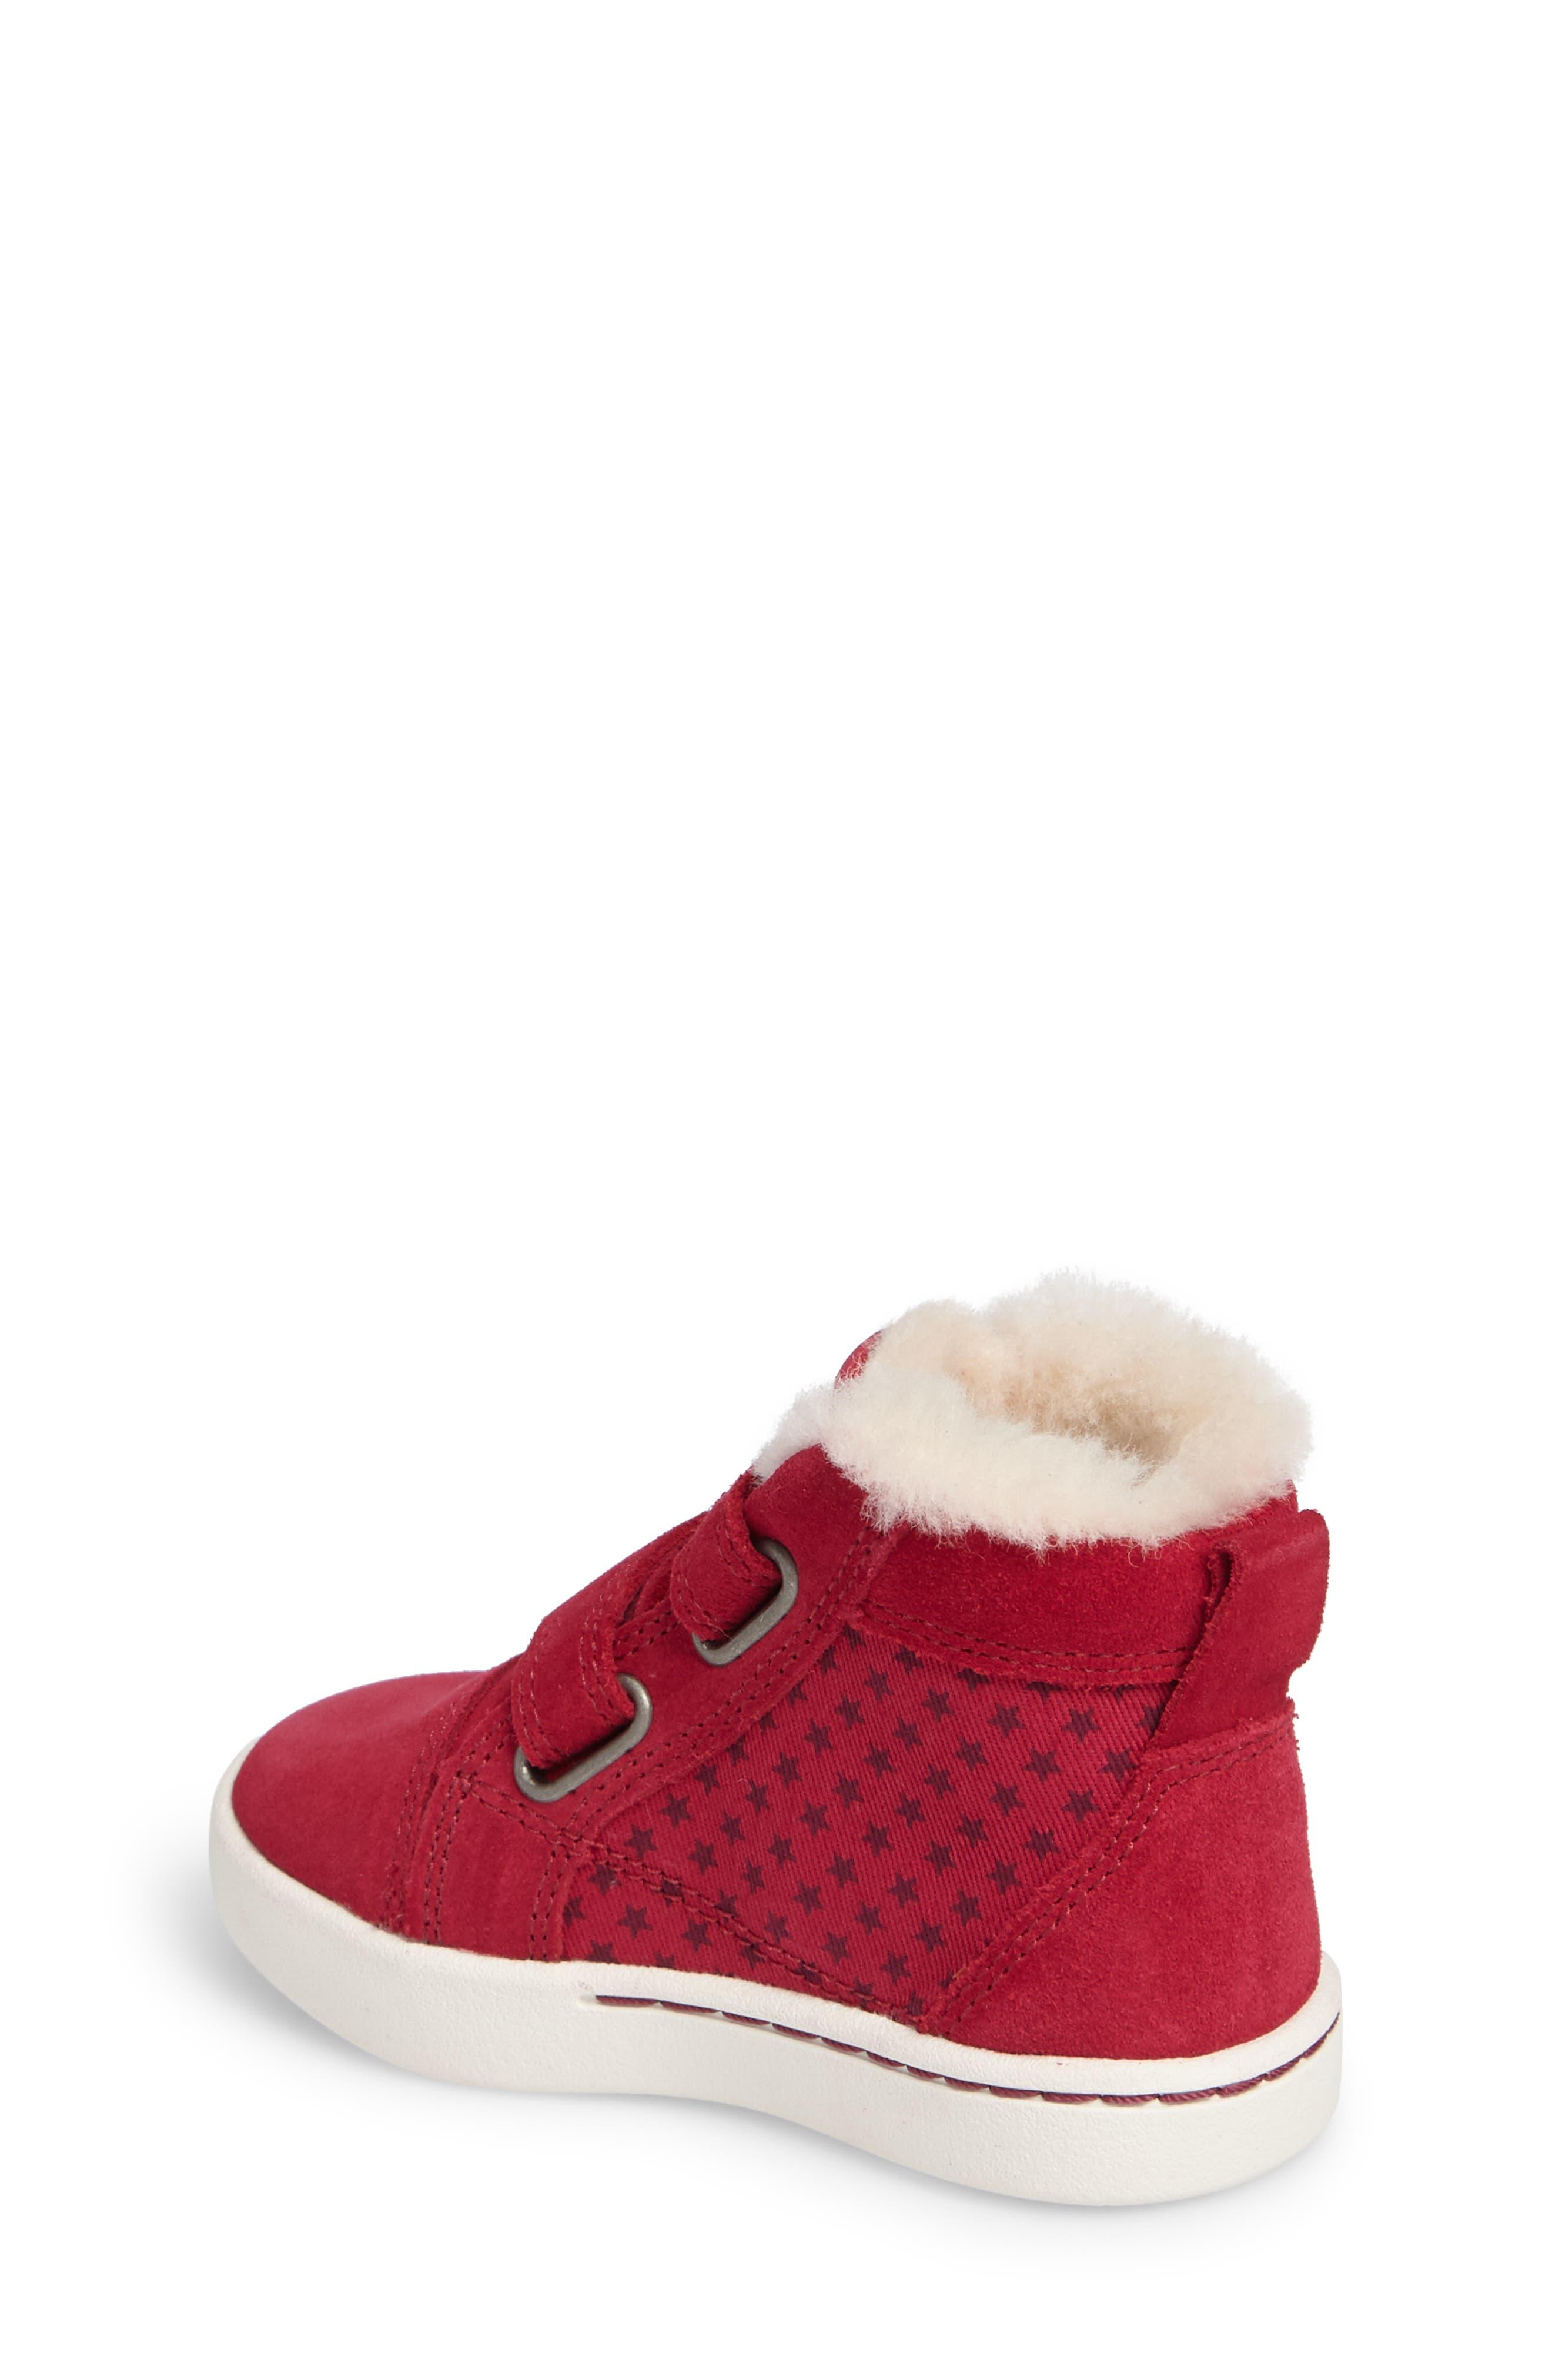 Rennon Stars High Top Sneaker,                             Alternate thumbnail 2, color,                             650